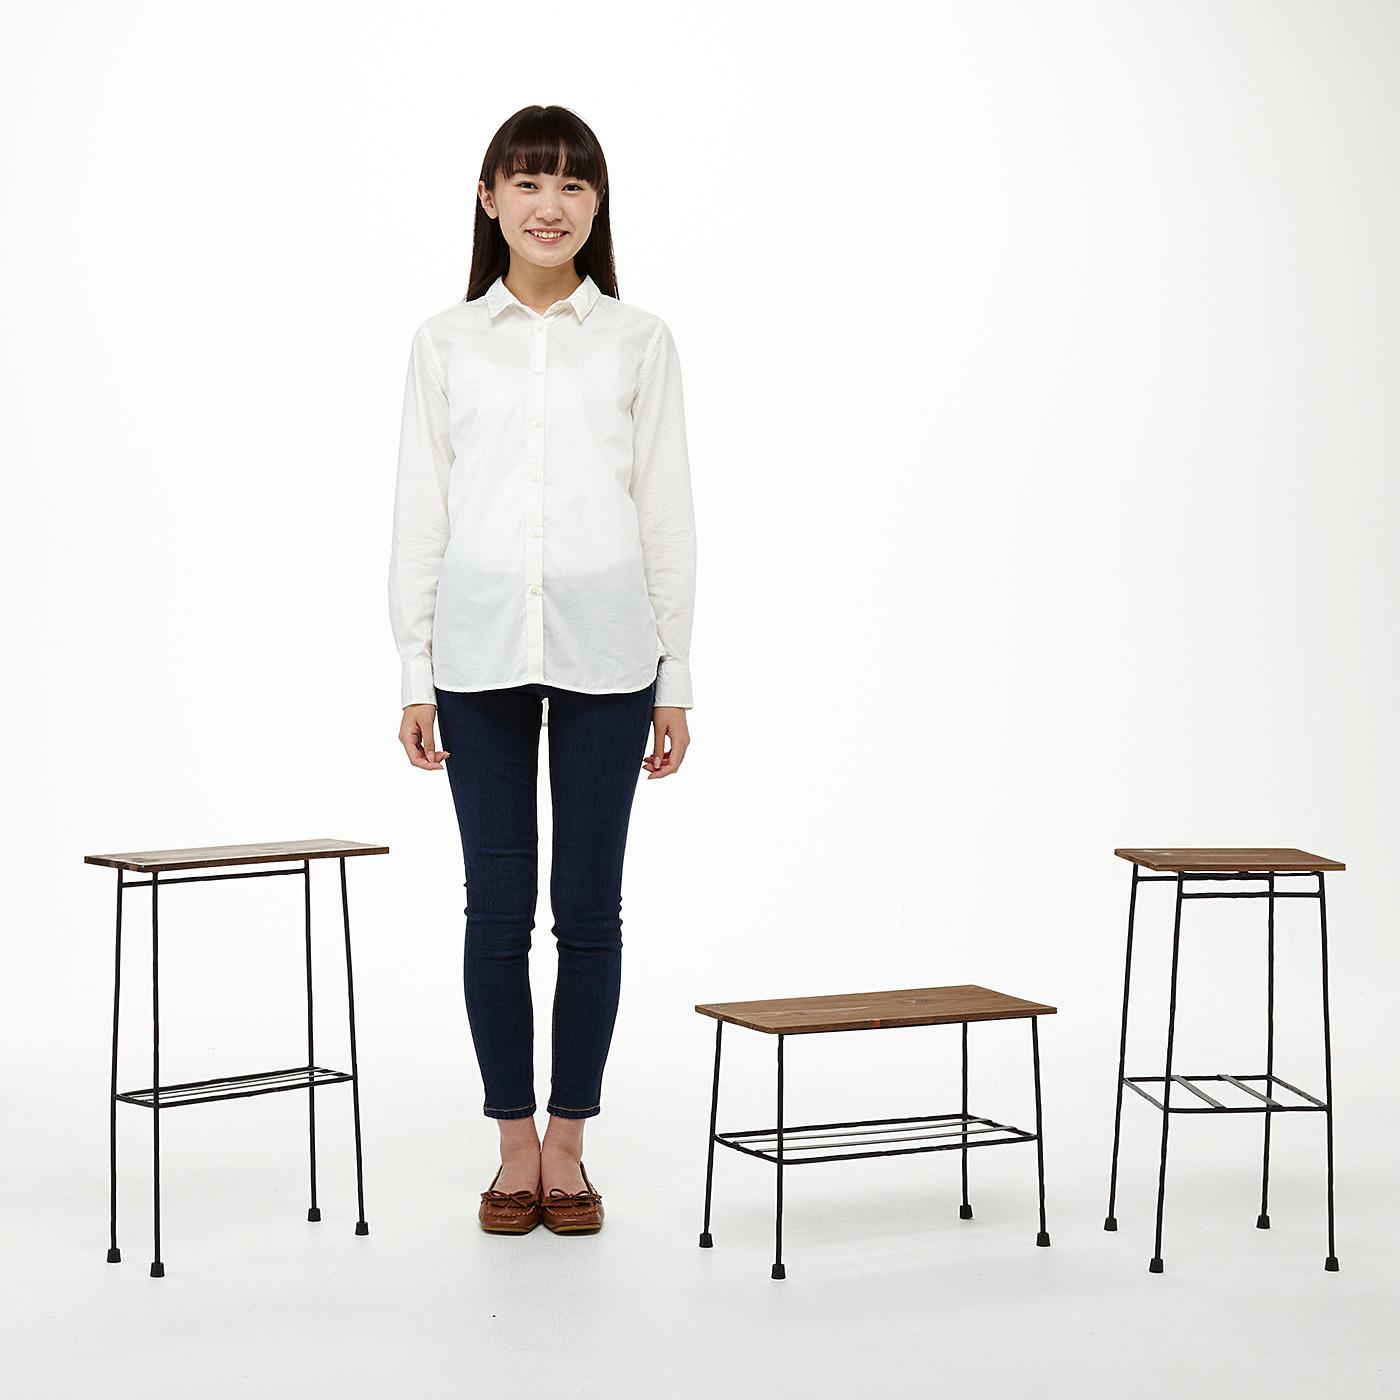 (左から)ちょい置き細長テーブルの会、ちょい置きマイローテーブル〈ブラック〉の会、ちょい置きマイカフェテーブル〈ブラック〉の会。「ちょい置き」に使いやすいサイズ感にこだわりました。